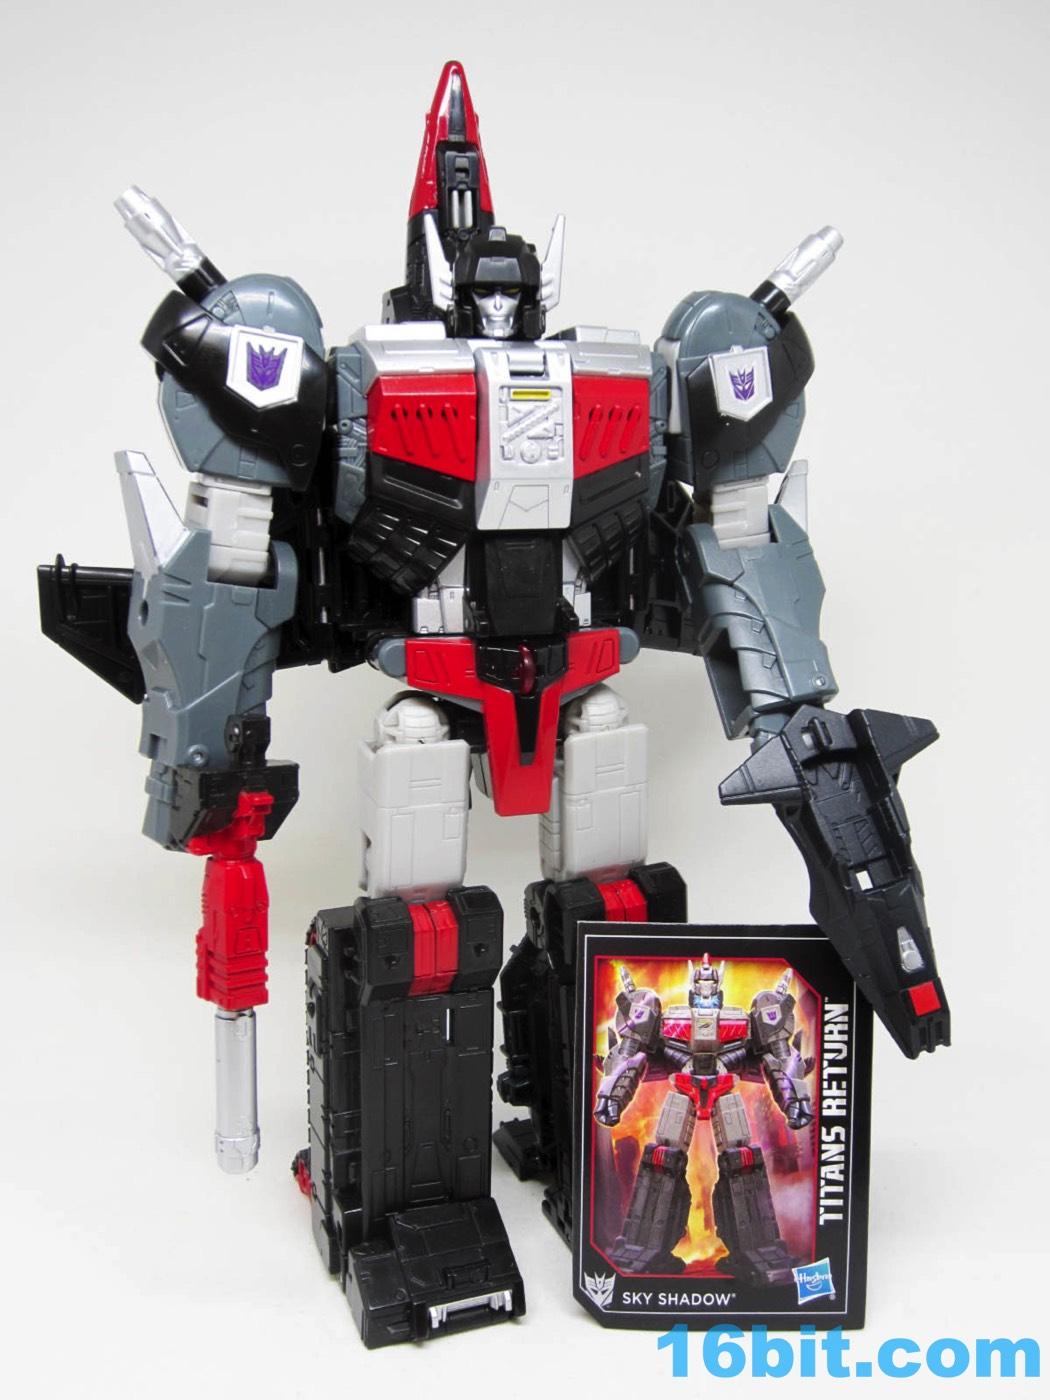 Speelgoedfiguurtjes Transformers Robots Transformers Generations Sky Shadow Complete 2011 Deluxe Plane Hasbro Razzmatazzfilms Com